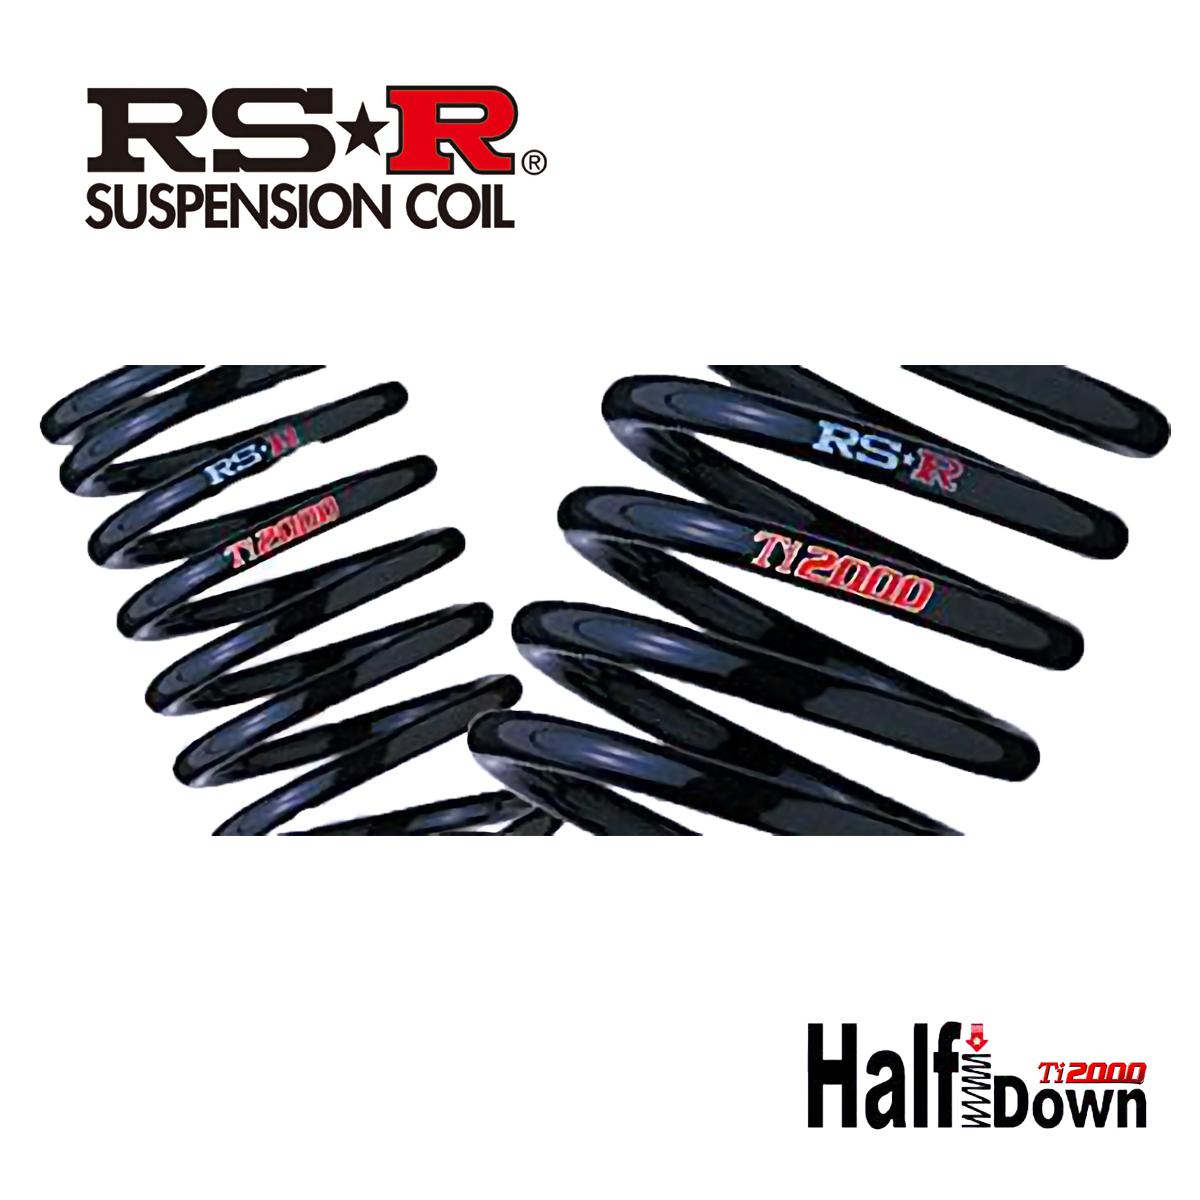 RS-R アルトワークス ベースグレード HA36S ダウンサス スプリング リアのみ S022TSR Ti2000 ハーフダウン RSR 個人宅発送追金有